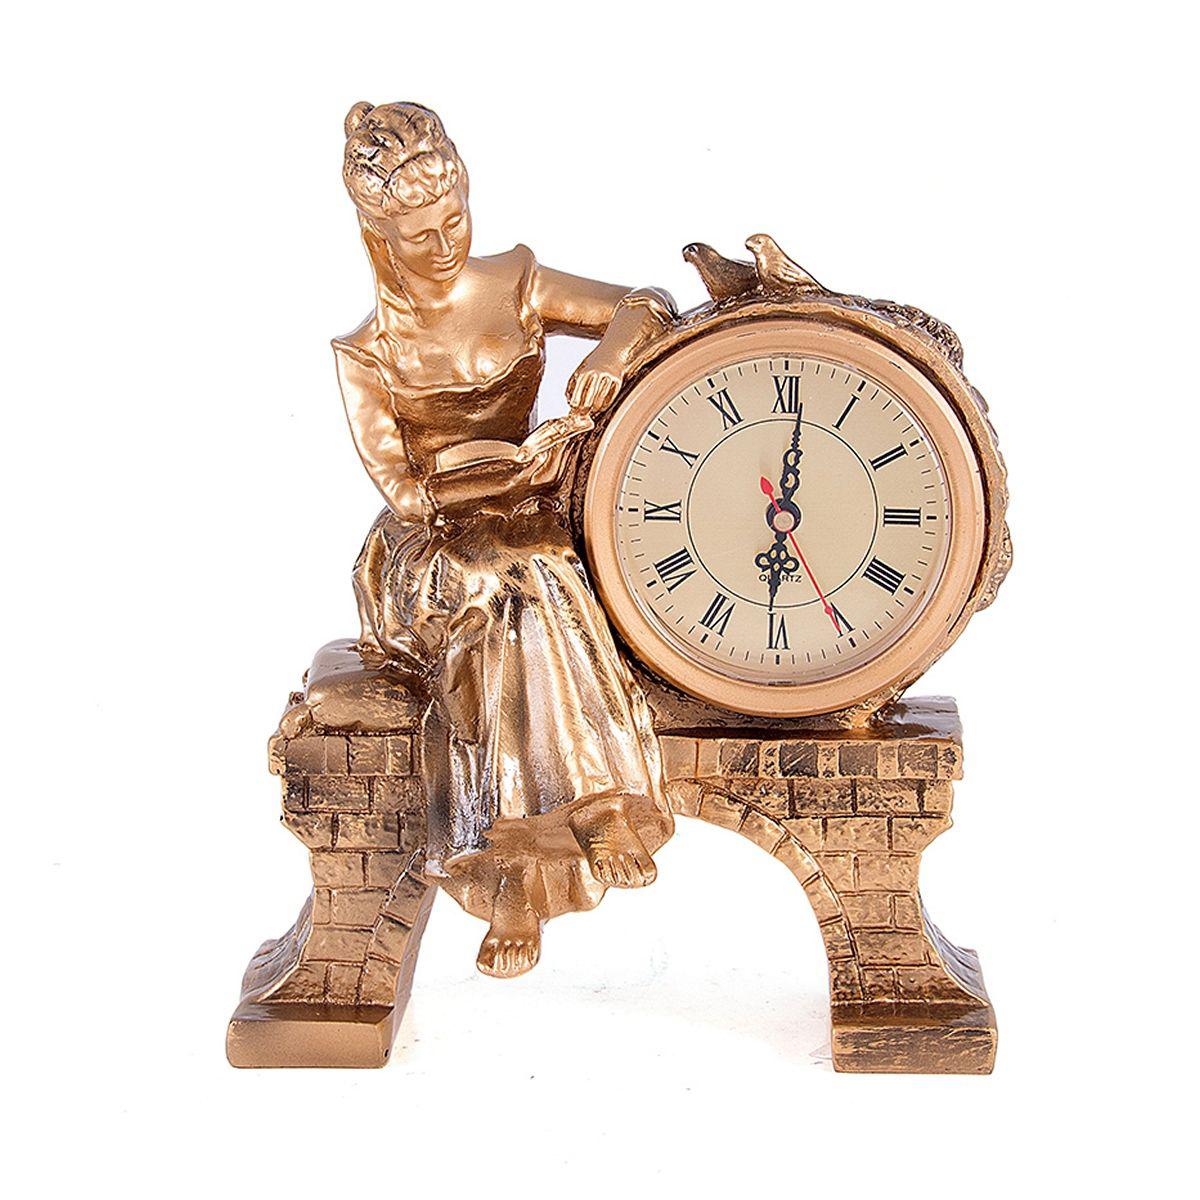 Часы настольные Русские Подарки Дама с книгой, 25 х 20 см. 5941794672Настольные кварцевые часы Русские Подарки Дама с книгой изготовлены из полистоуна. Корпус оформлен фигуркой девушки, читающей книгу. Часы имеют три стрелки - часовую, минутную и секундную.Изящные часы украсят интерьер дома или рабочий стол в офисе. Также часы могут стать уникальным, полезным подарком для родственников, коллег, знакомых и близких.Часы работают от батареек типа АА (в комплект не входят).